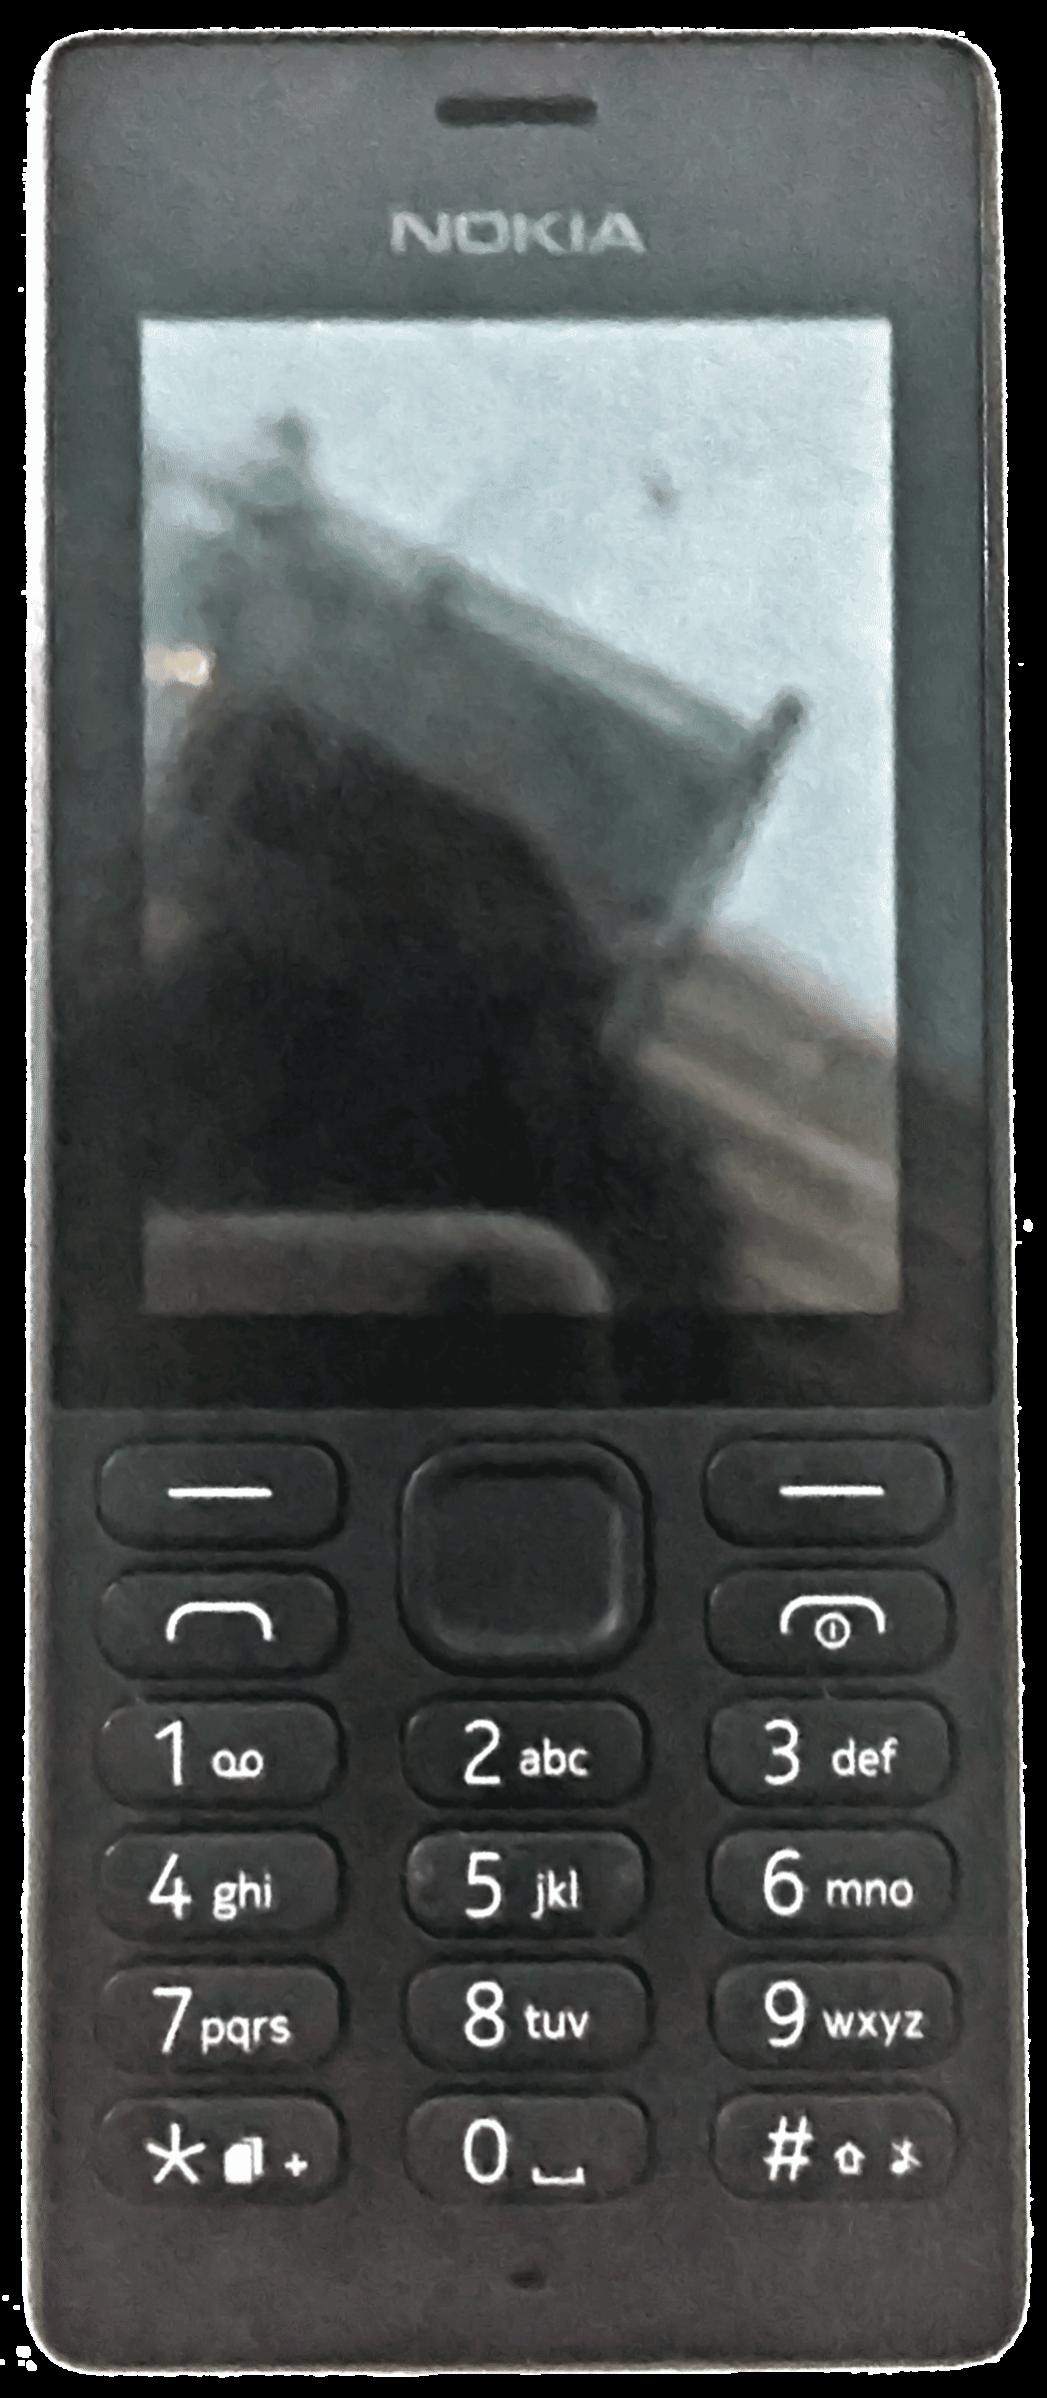 Hike Java App Nokia 206